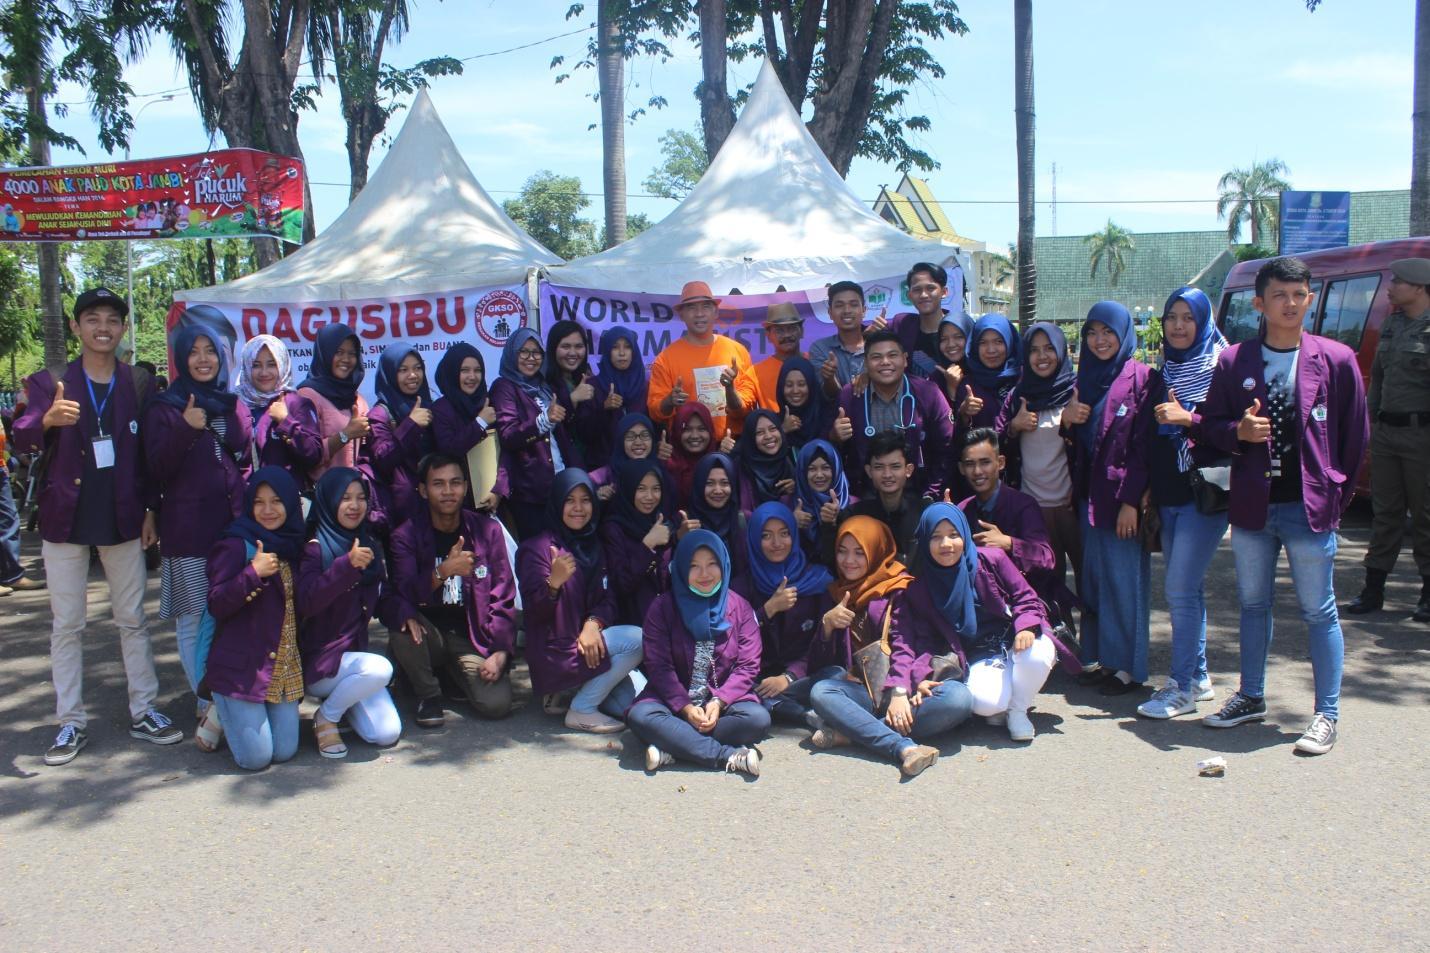 ( bersama Bapak Walikota dan Wakil Walikota Jambi, kami menyerukan Stop Obat Palsu ! Ayo Cerdas dan Bijak menggunakan obat menuju Indonesia Sehat !)